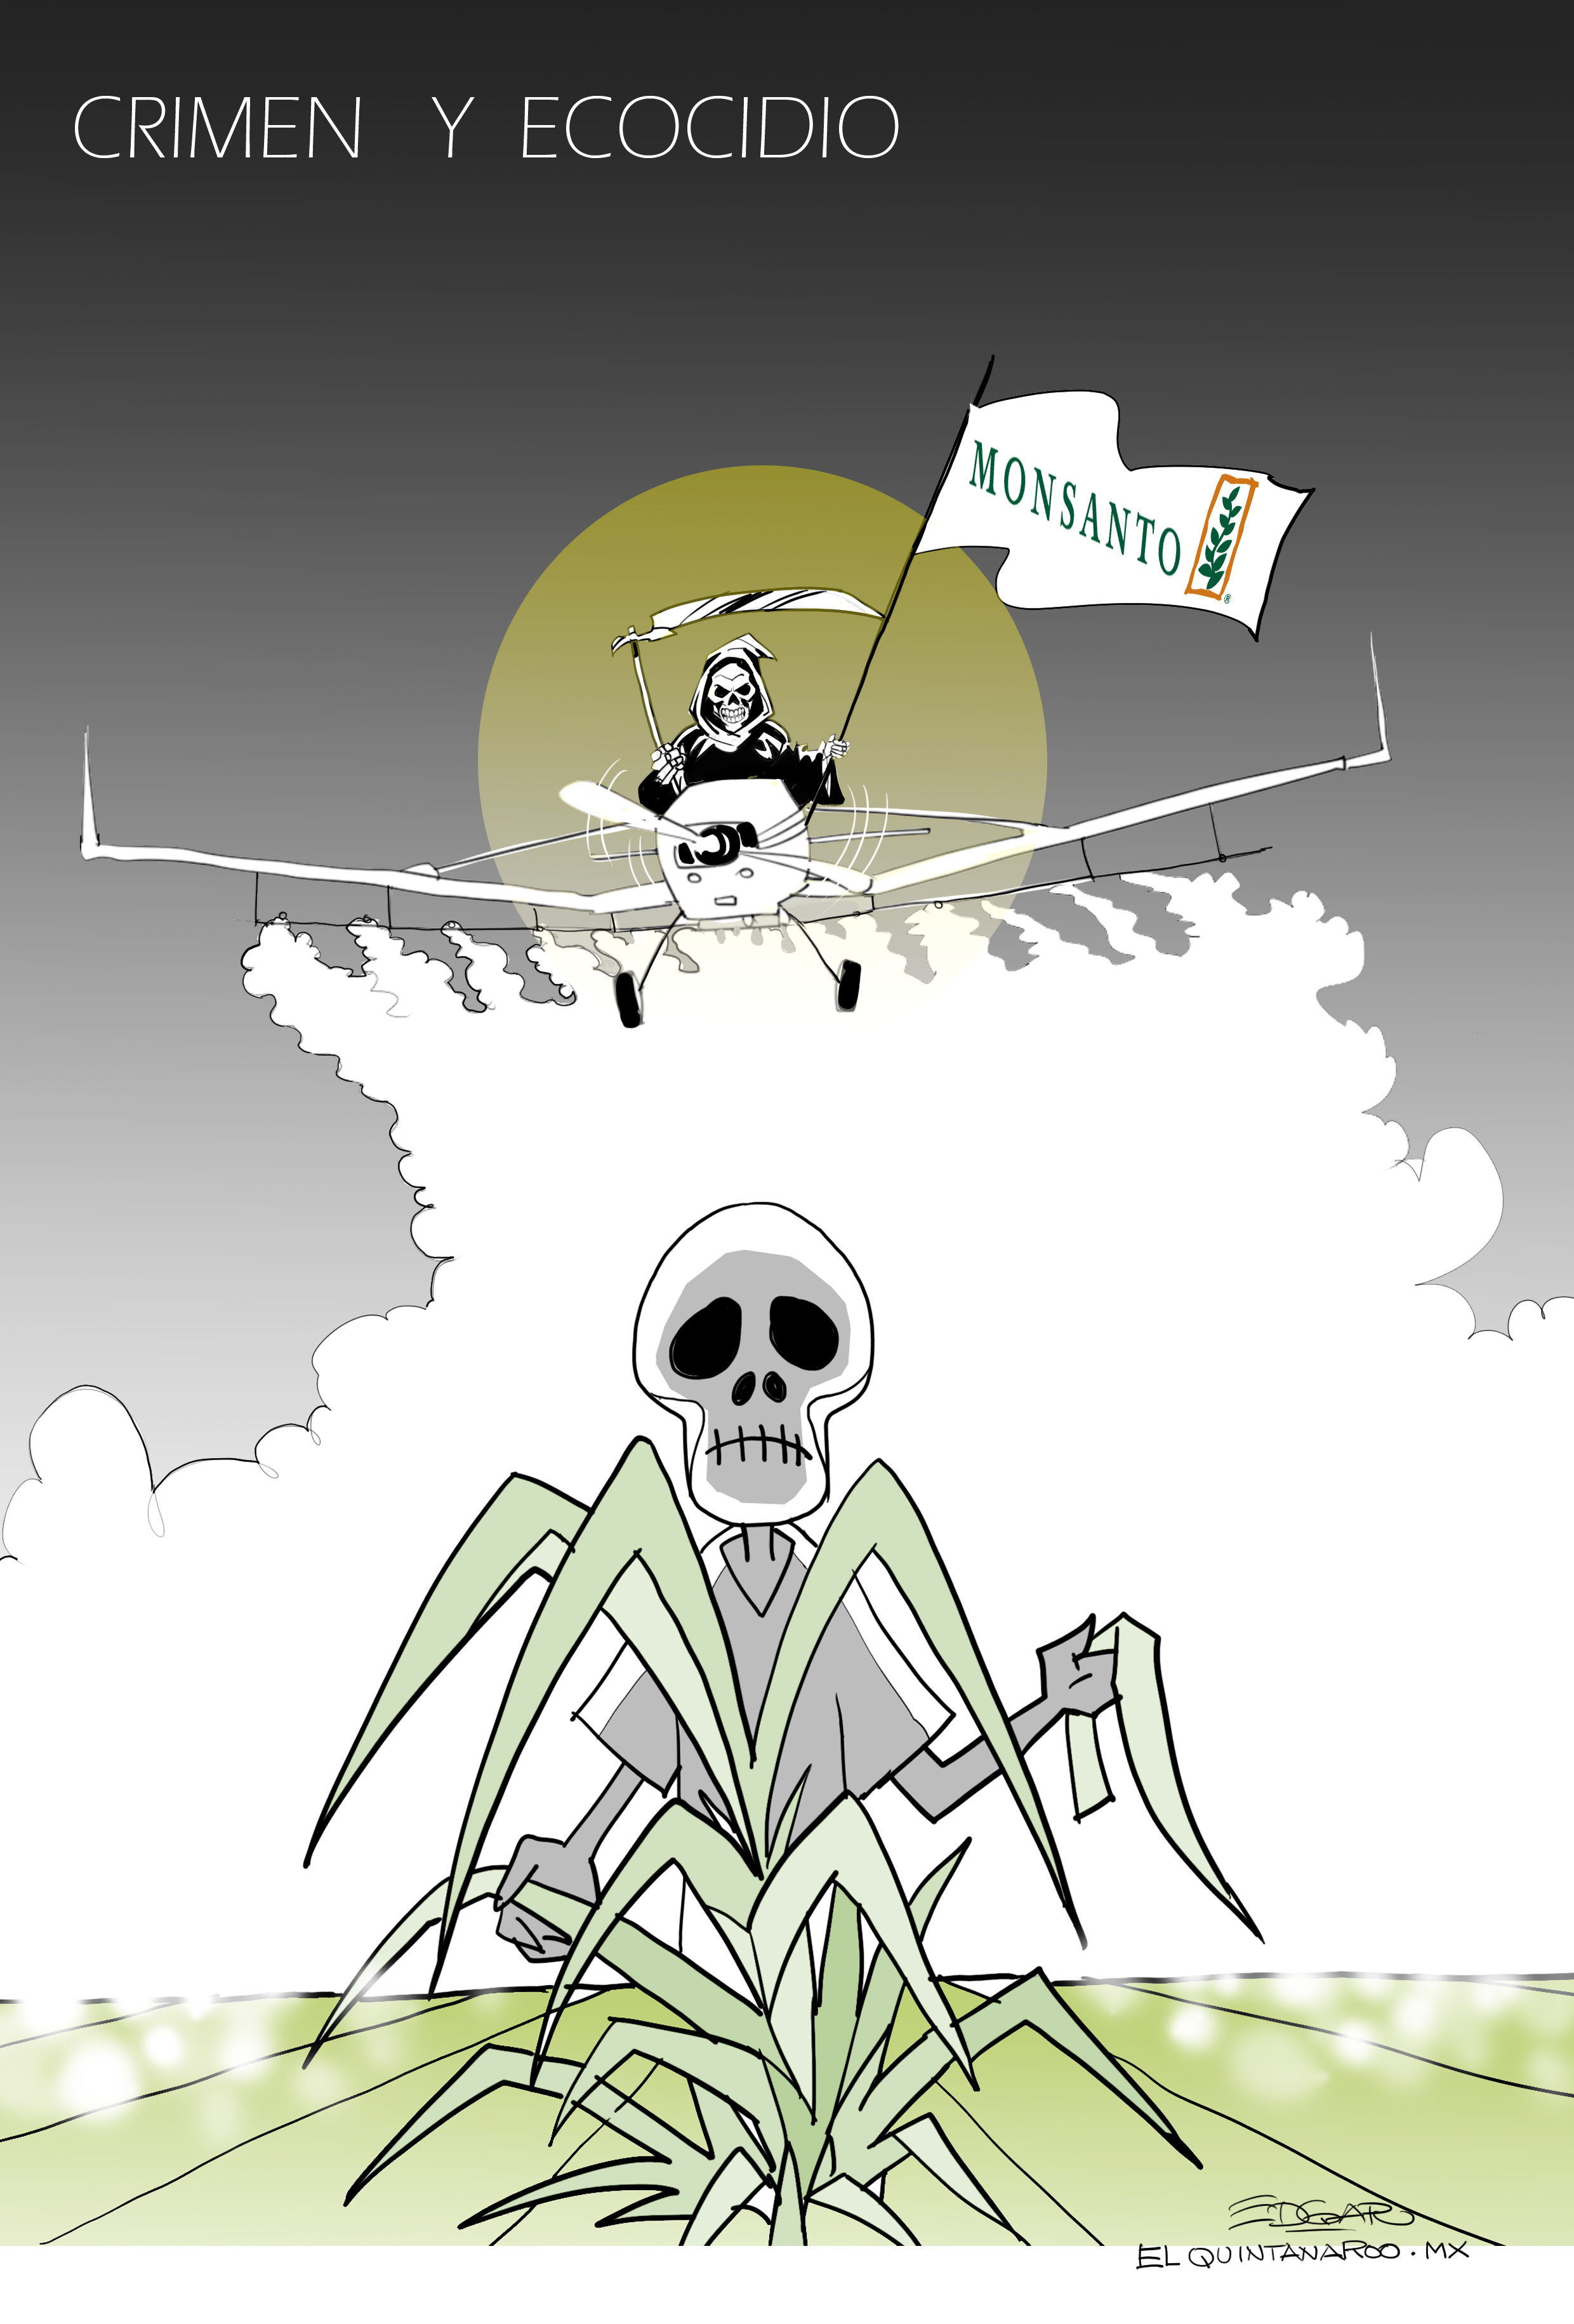 crimen y ecocidio